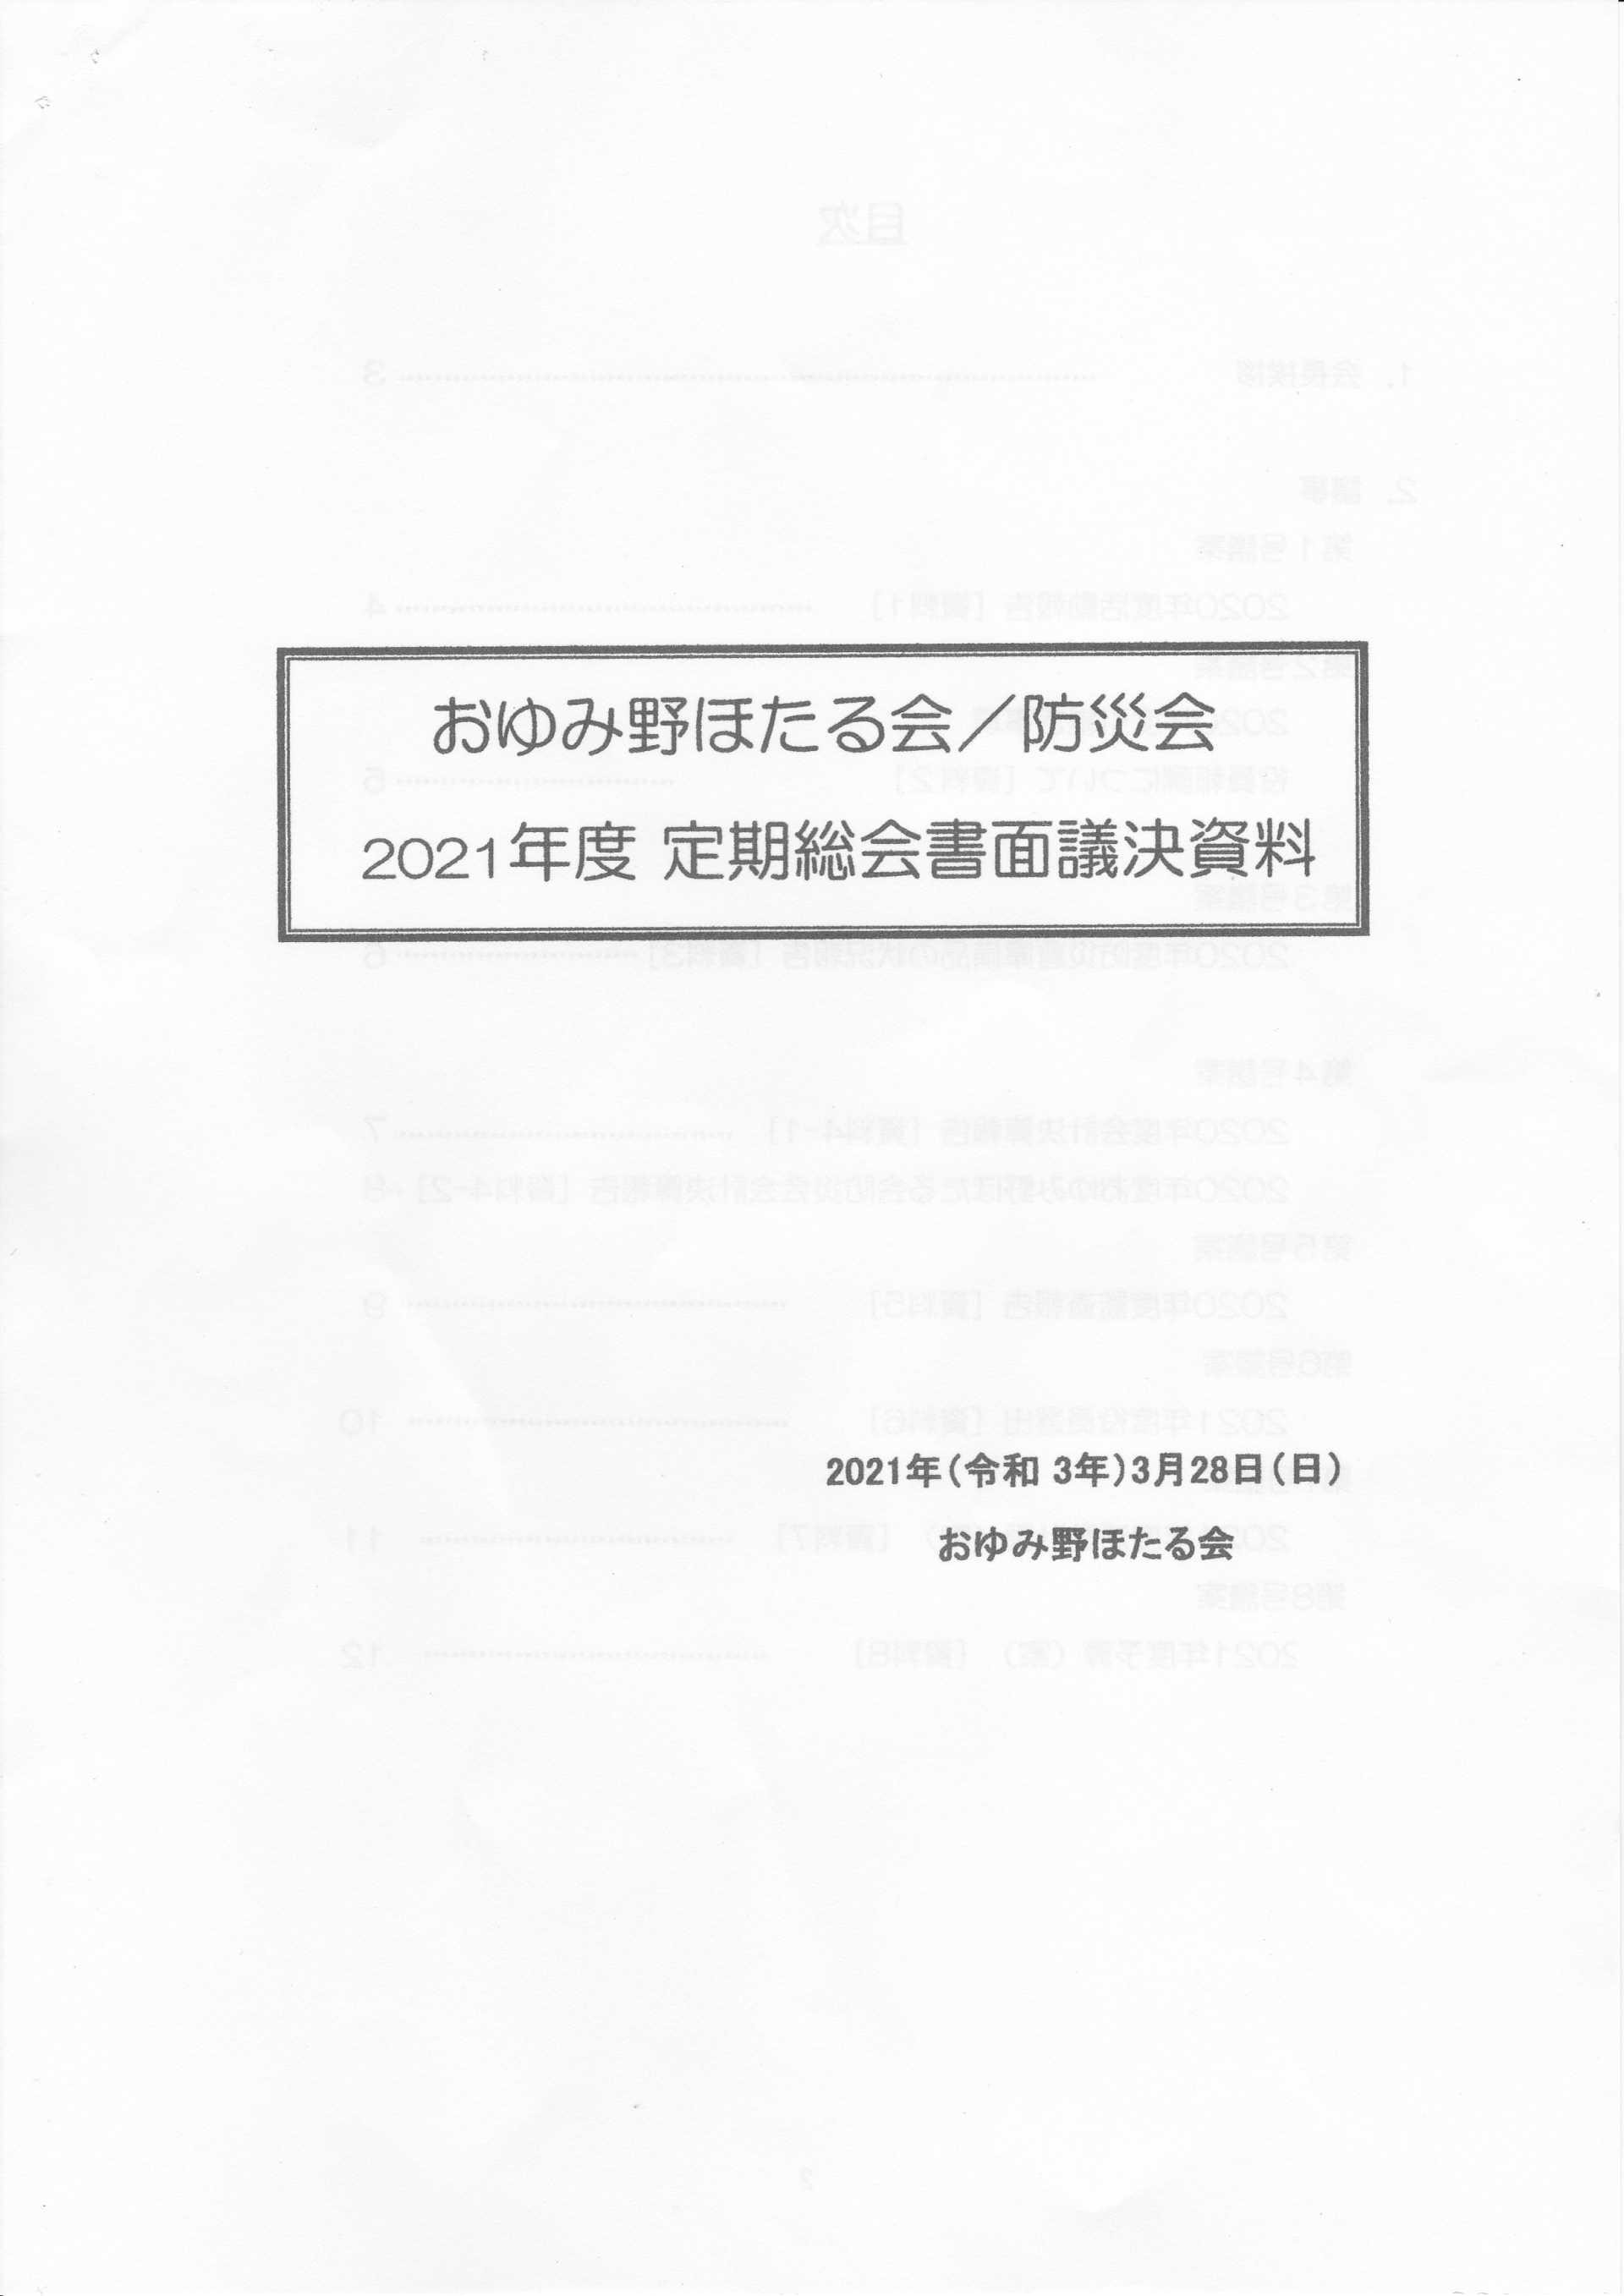 2020年度定期総会書面議決資料